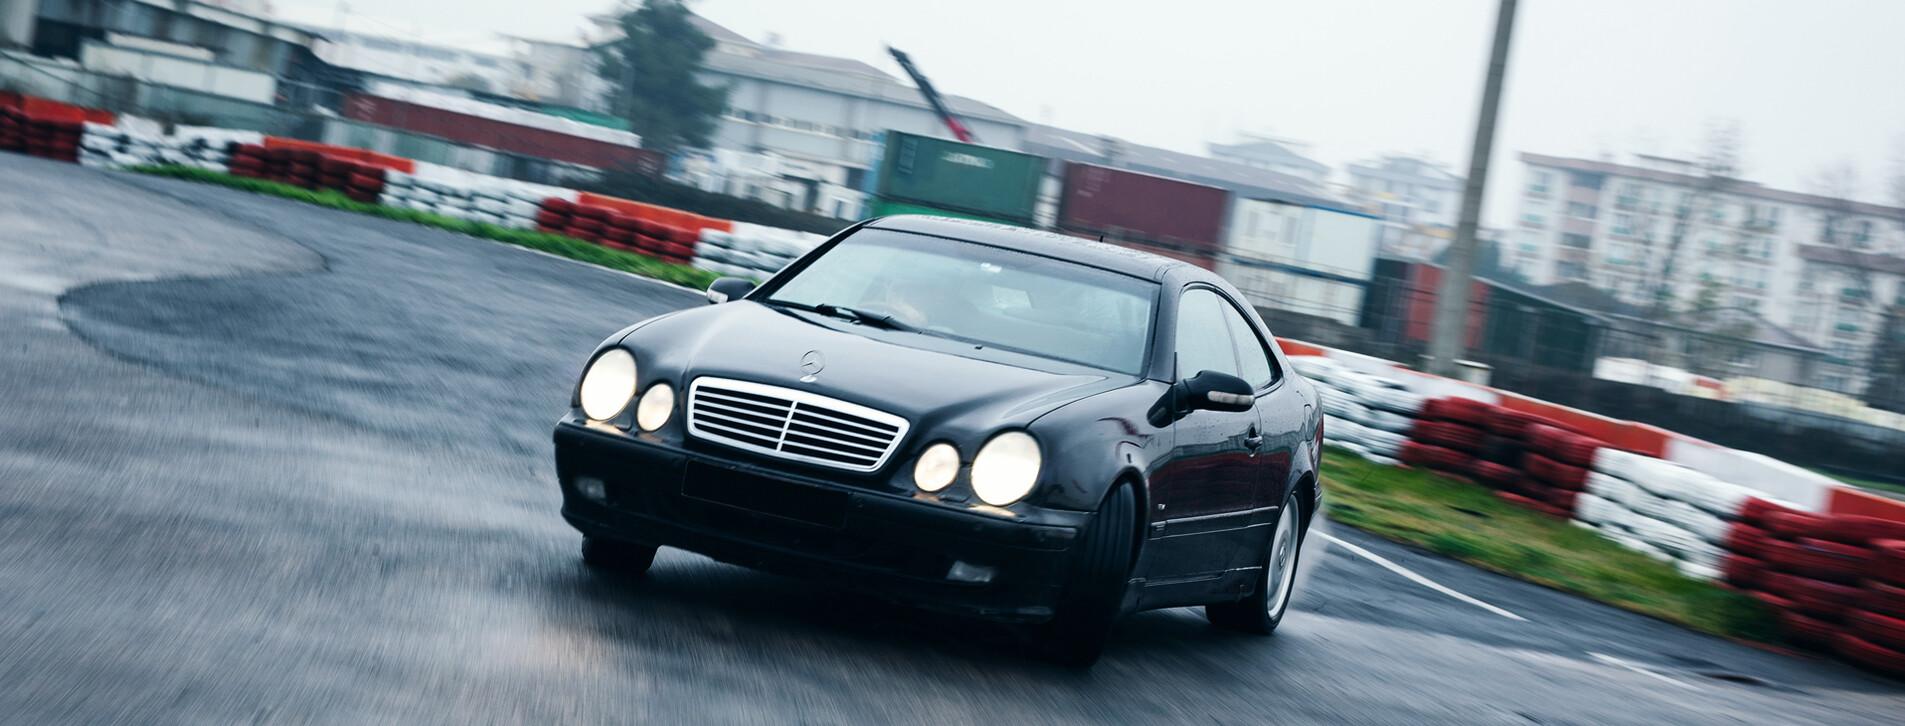 Fotoğraf - Kendi Aracınız ile Sportif Sürüş Eğitimi